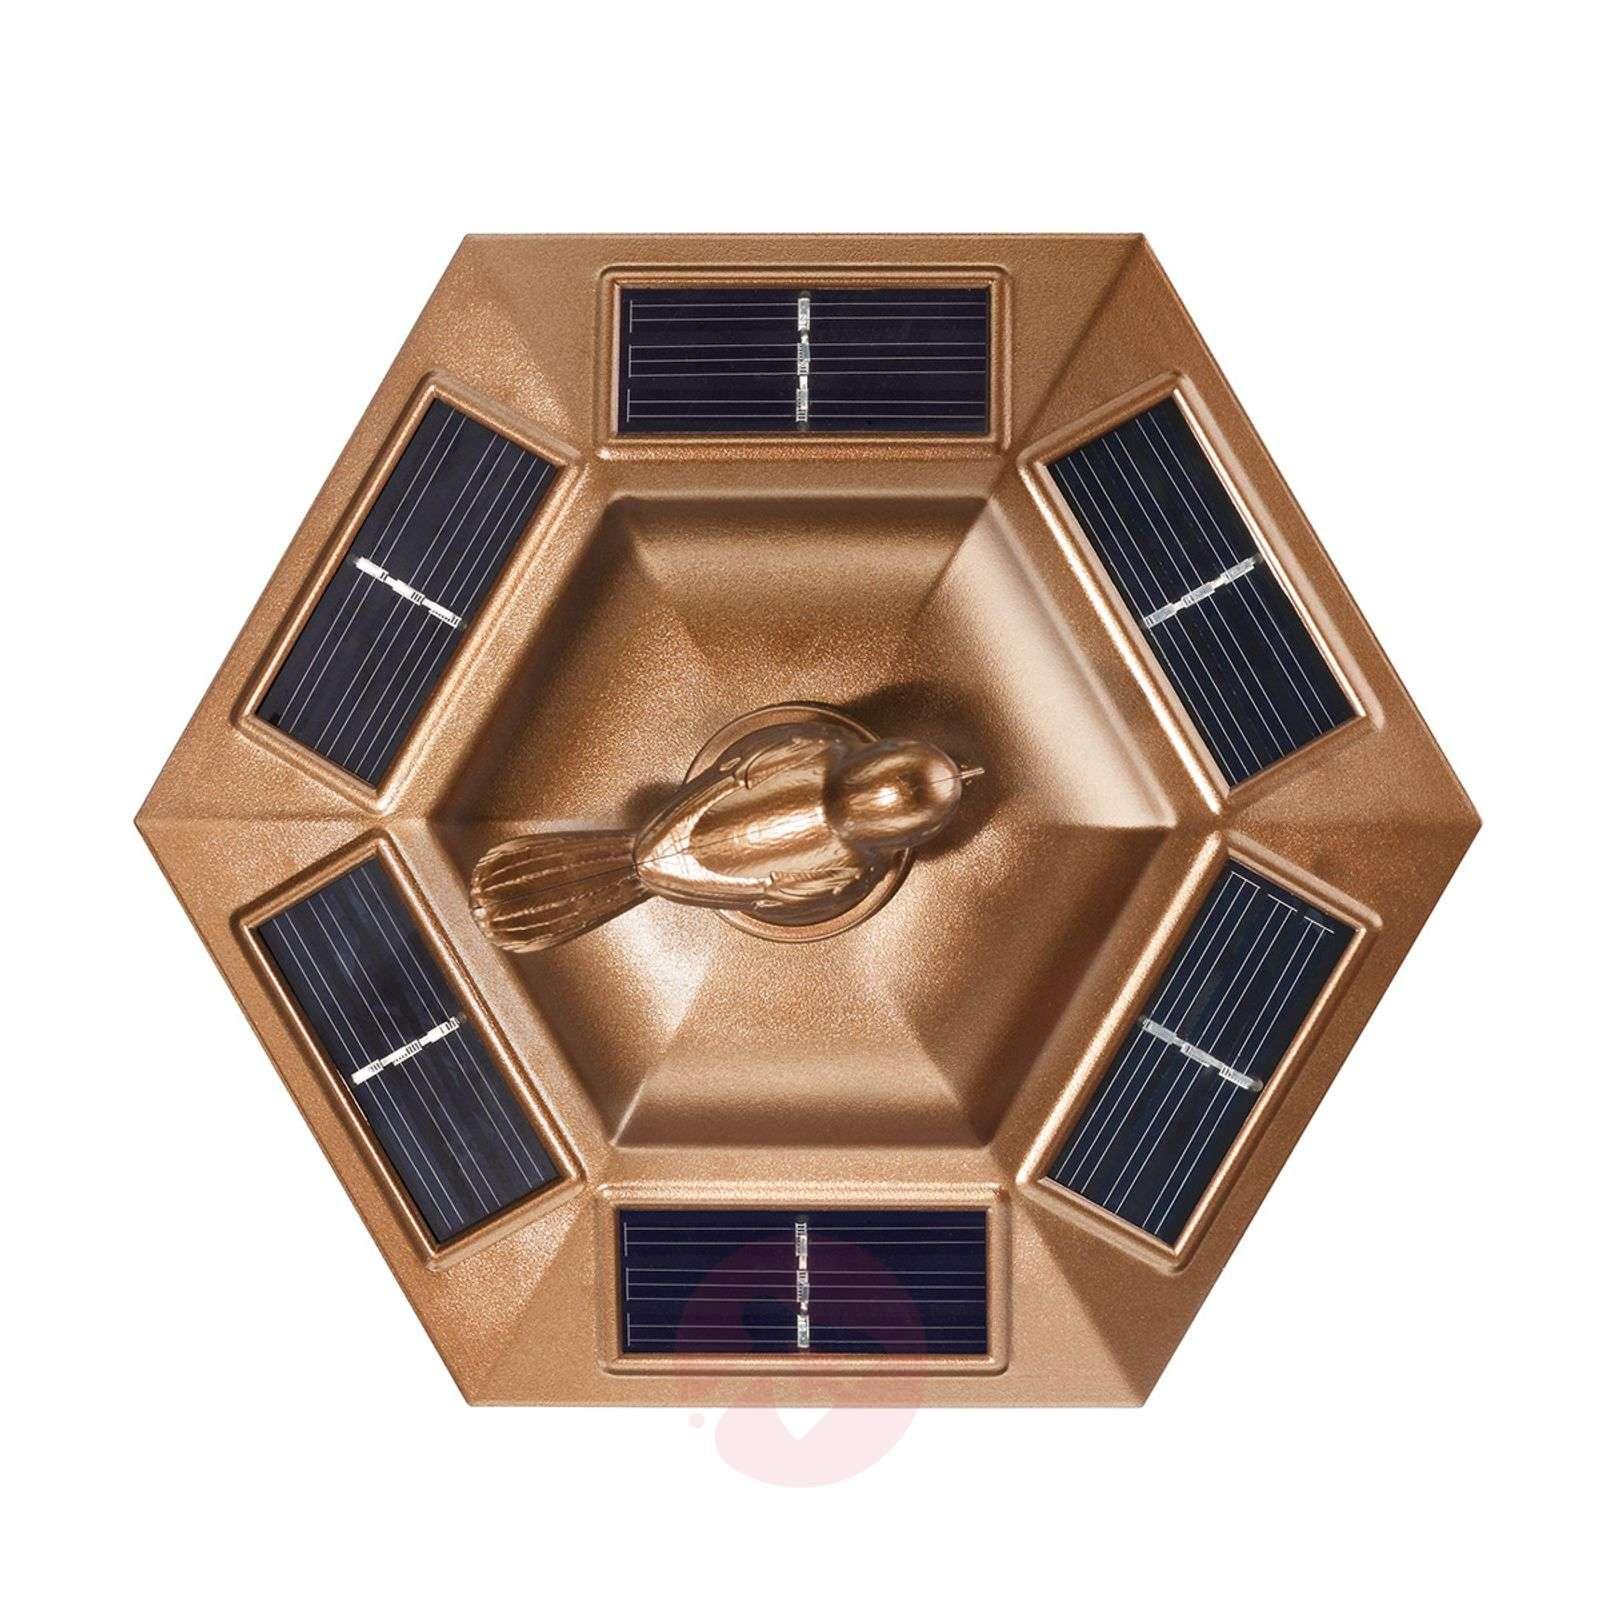 Tivoli-maapiikkivalaisin aurinkokenno LED, kupari-3012235-01